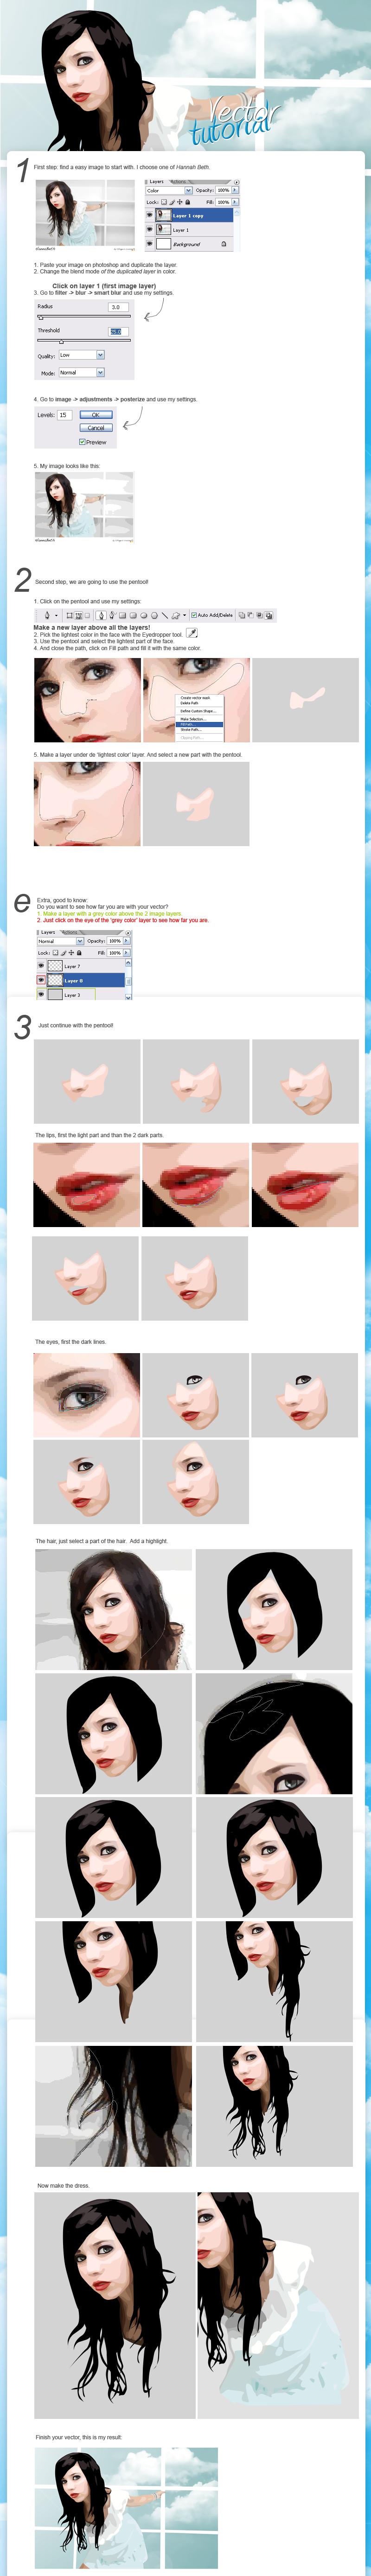 Vexel tutorial by So-ghislaine